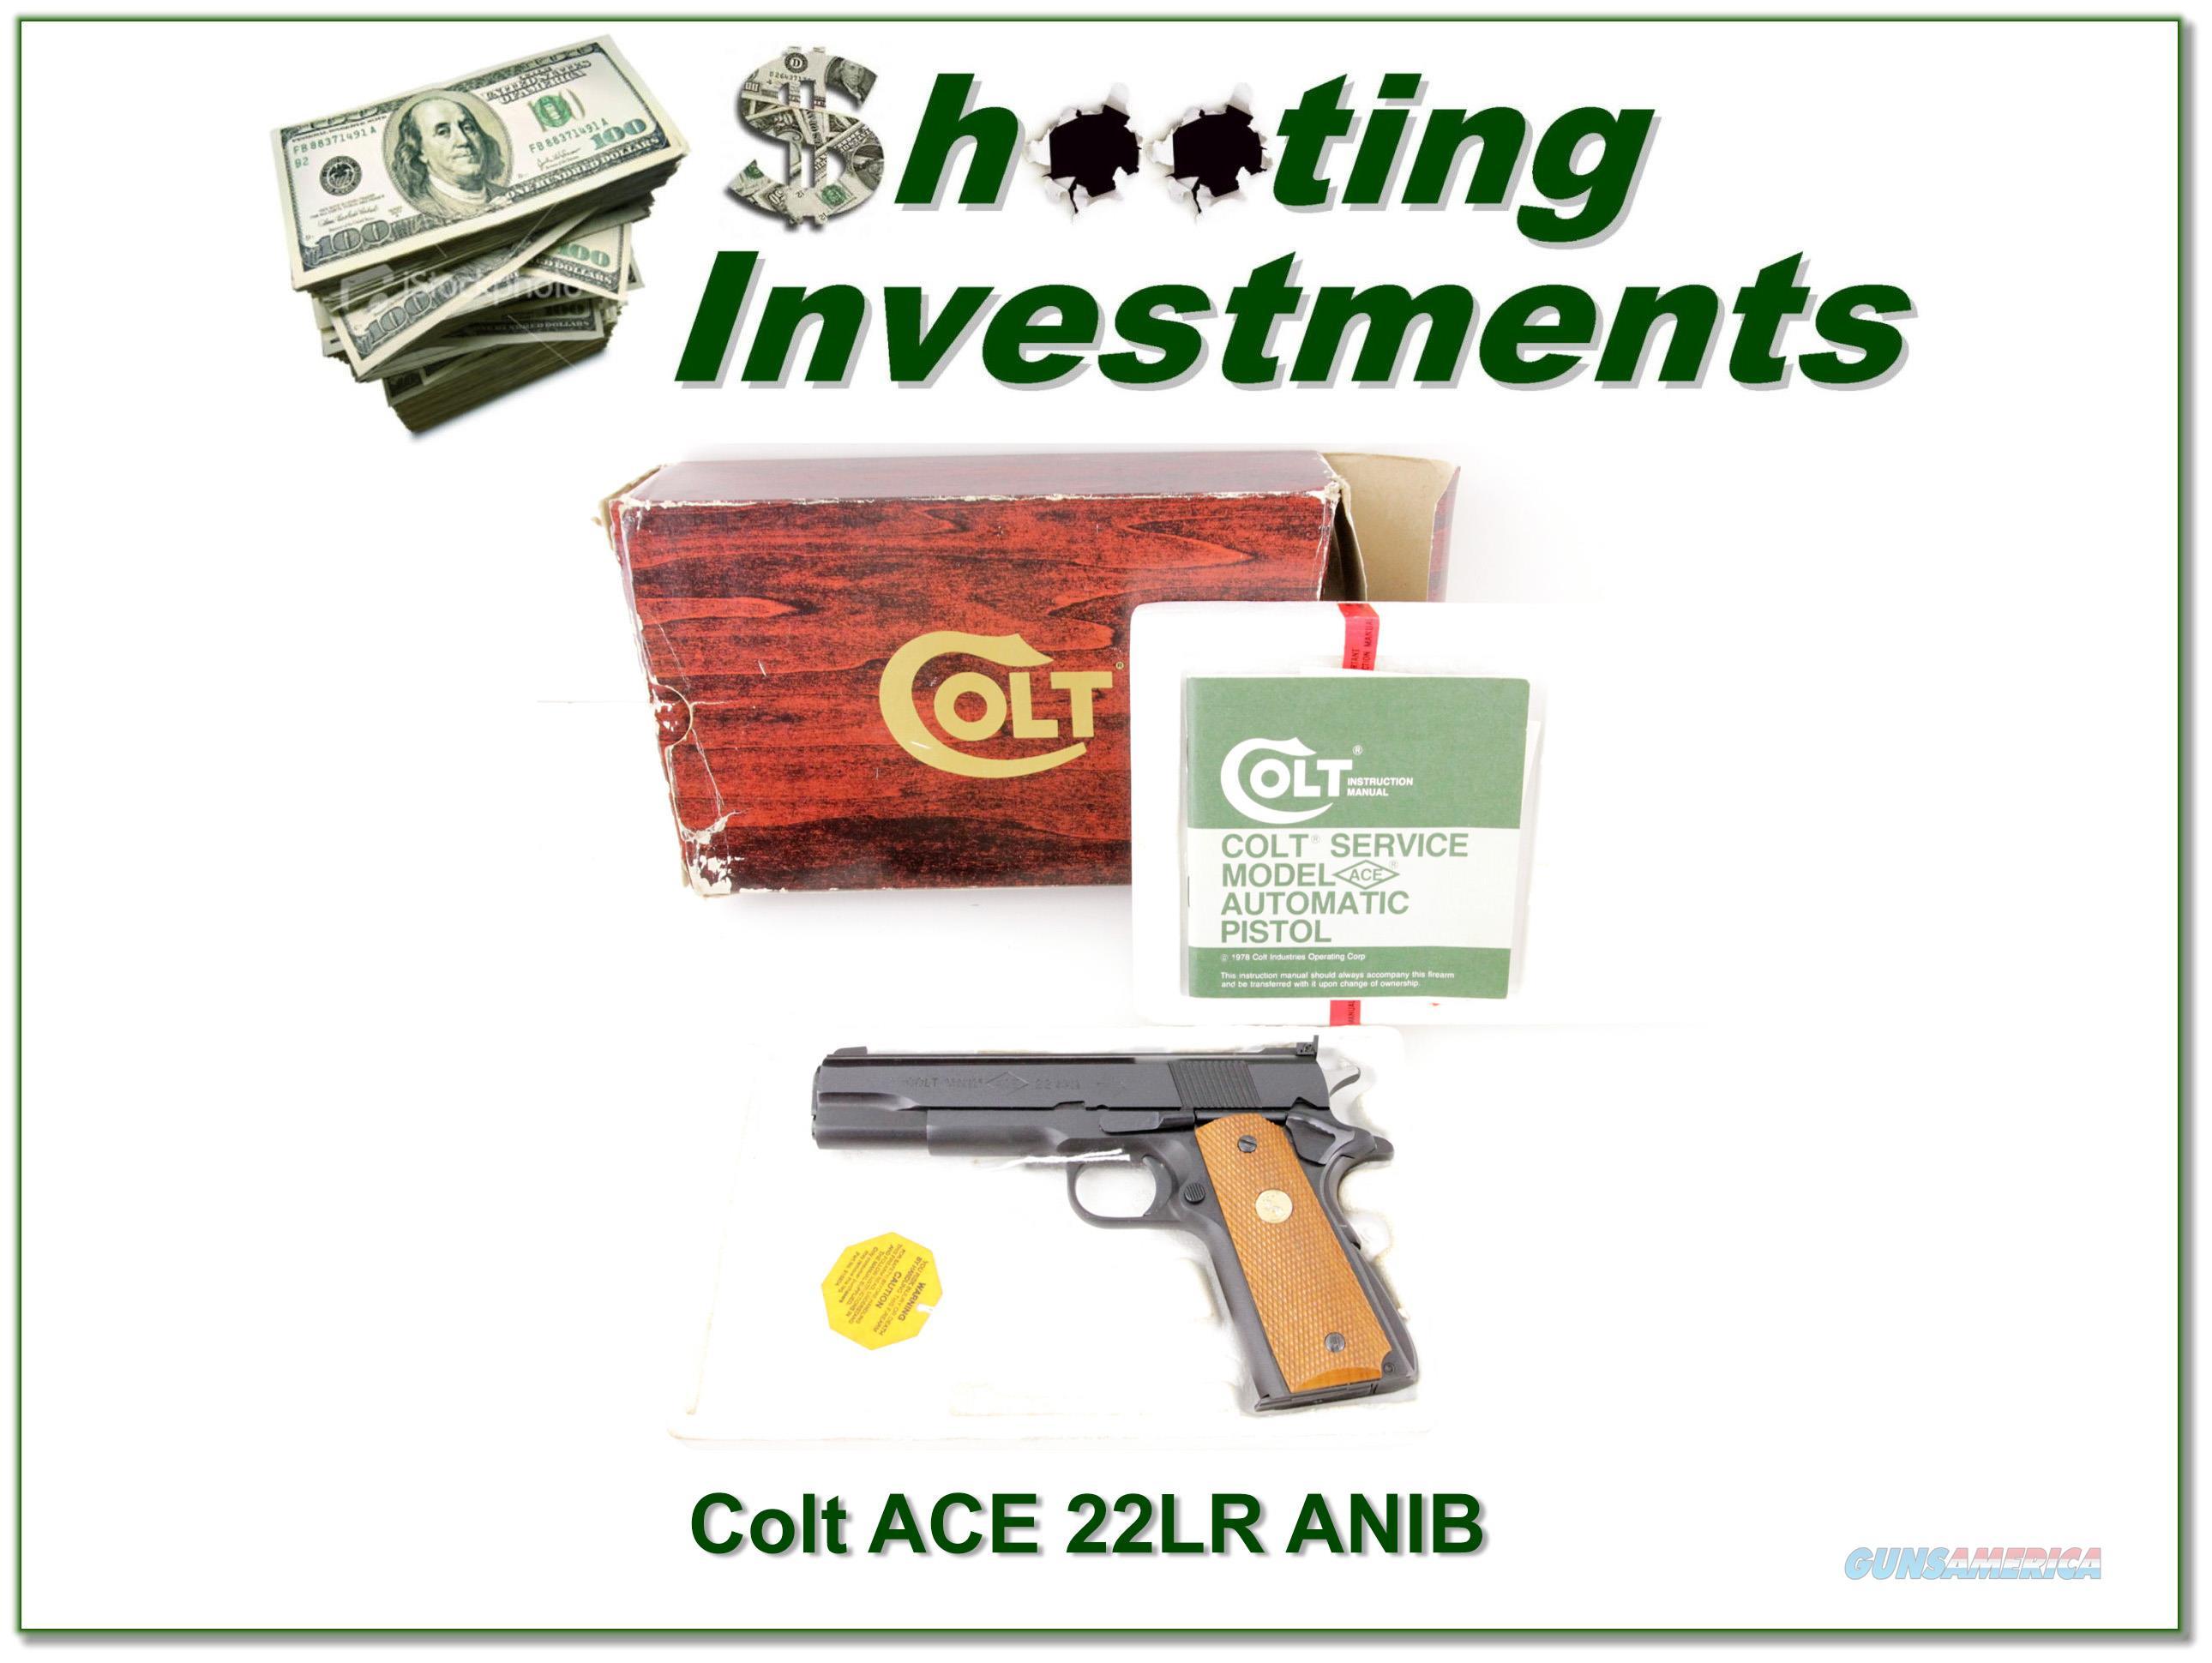 Colt 1911 Service Model ACE 22 LR ANIB  Guns > Pistols > Colt Automatic Pistols (22 Cal.)